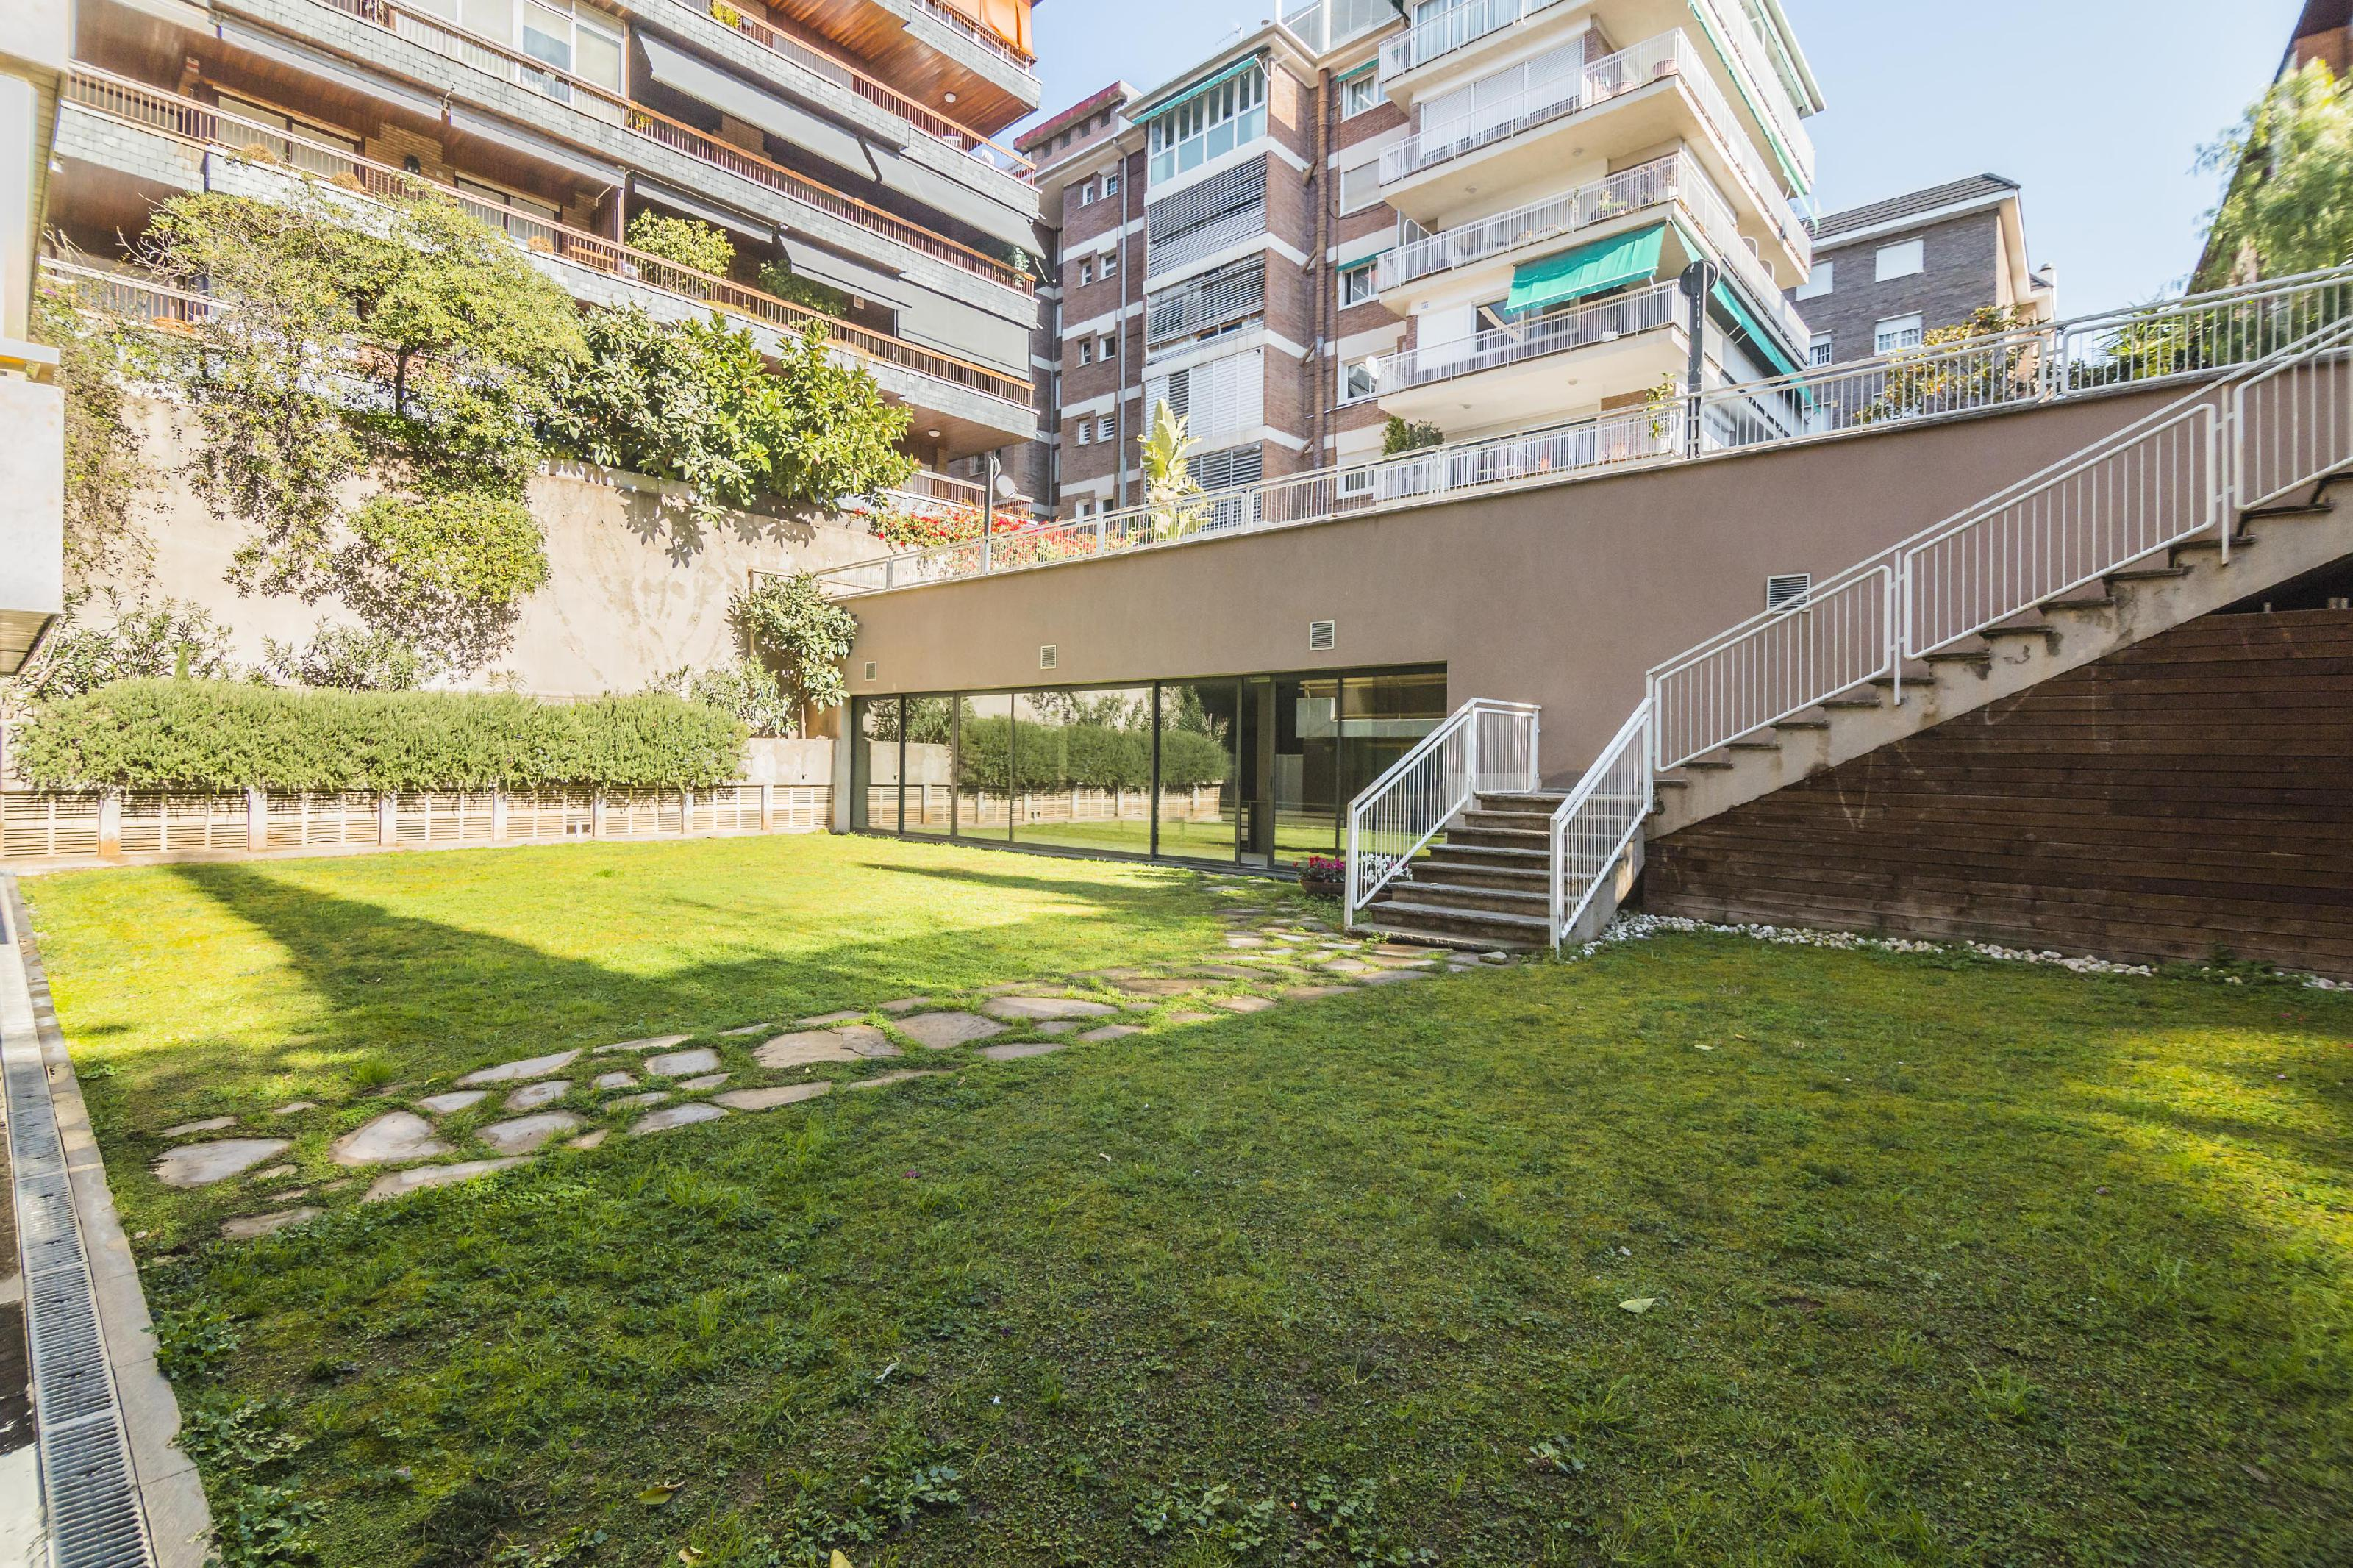 221811 Piso en venta en Sarrià-Sant Gervasi, Tres Torres 20